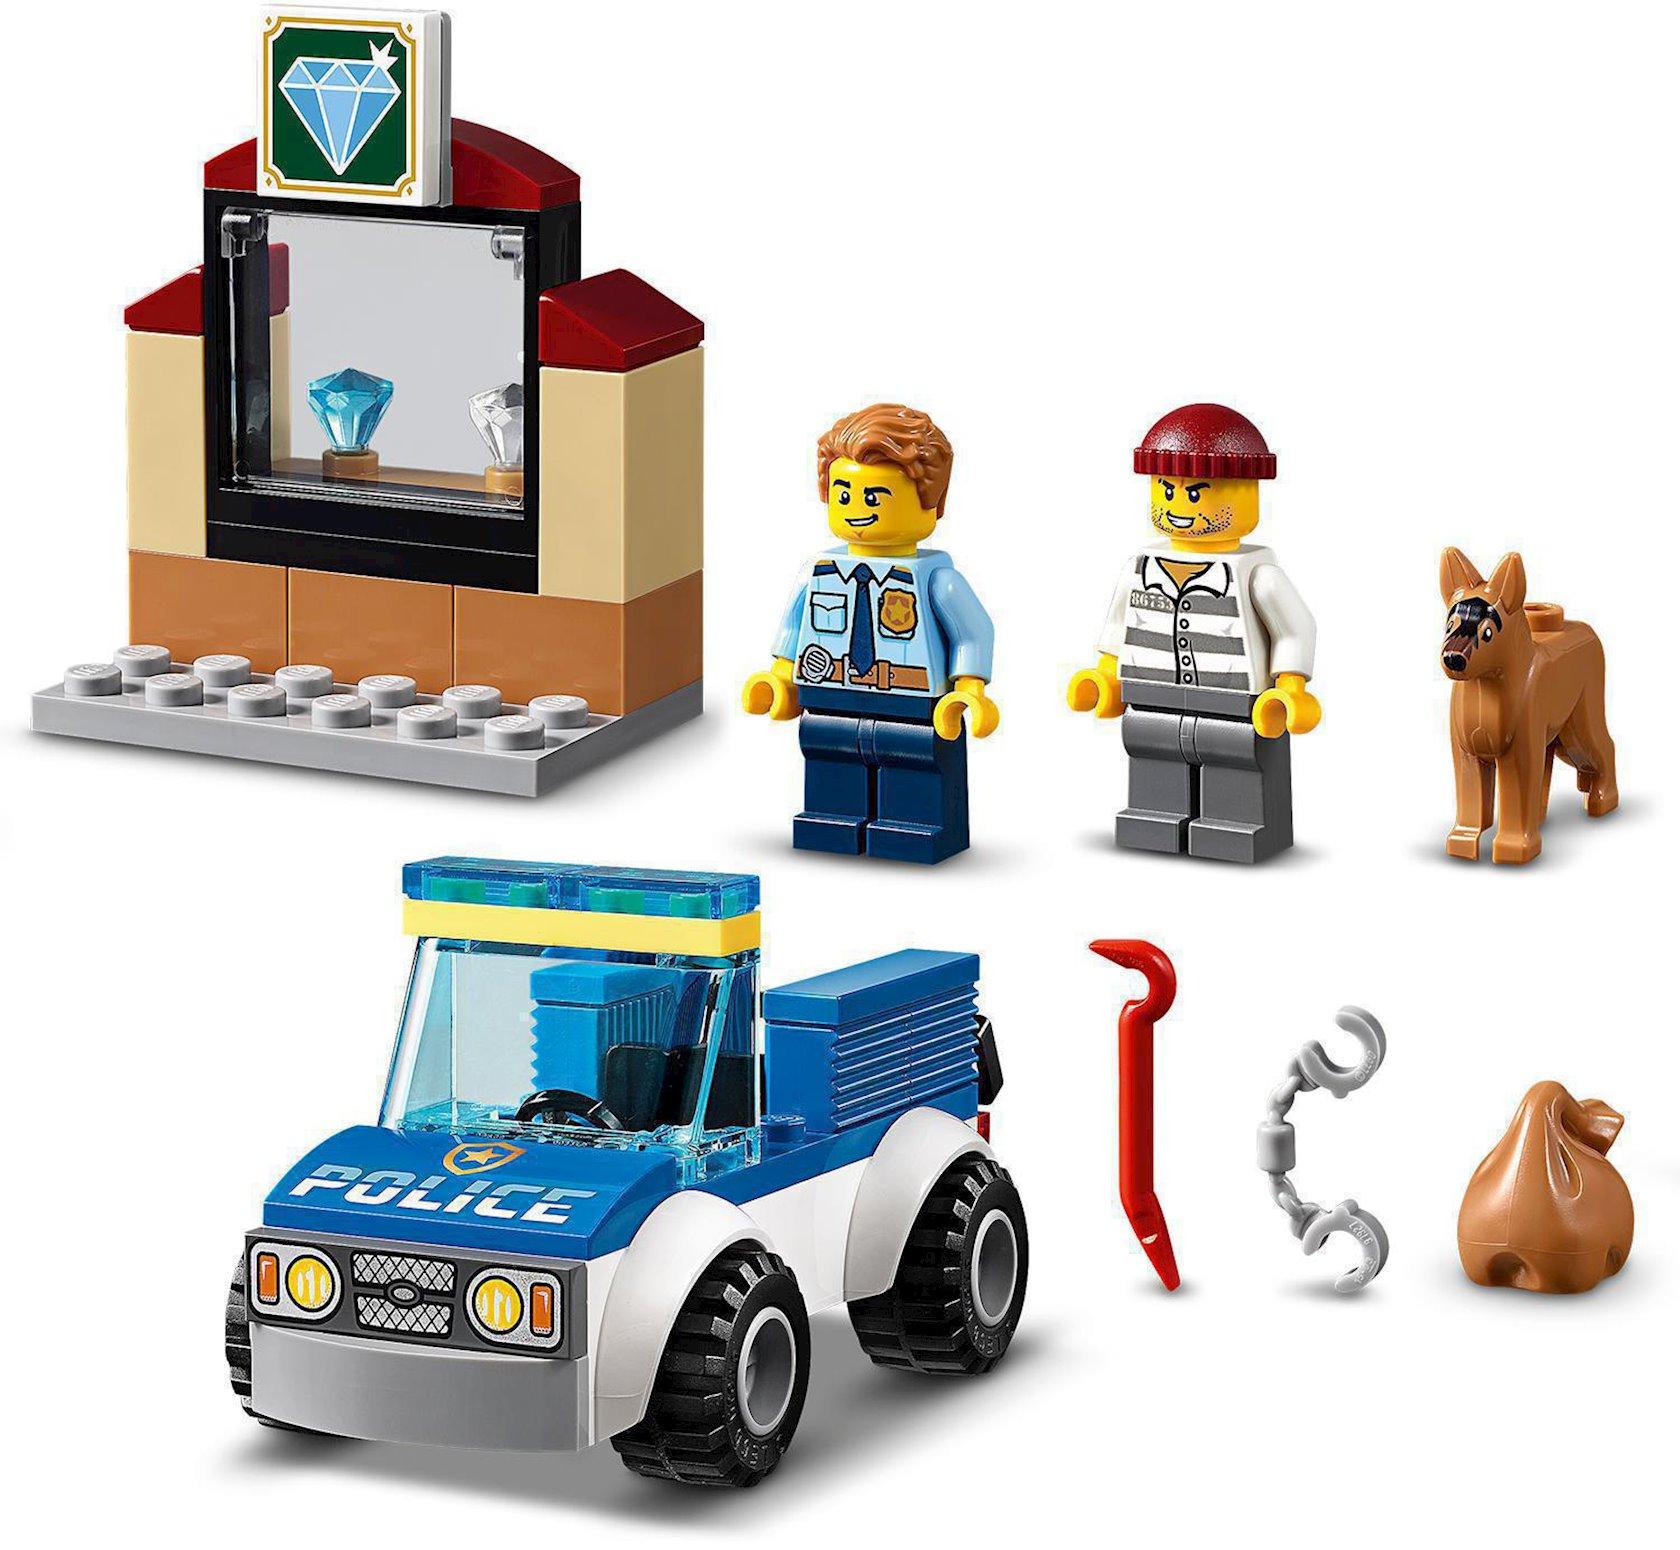 Konstruktor Lego City Polis dəstəsi it ilə